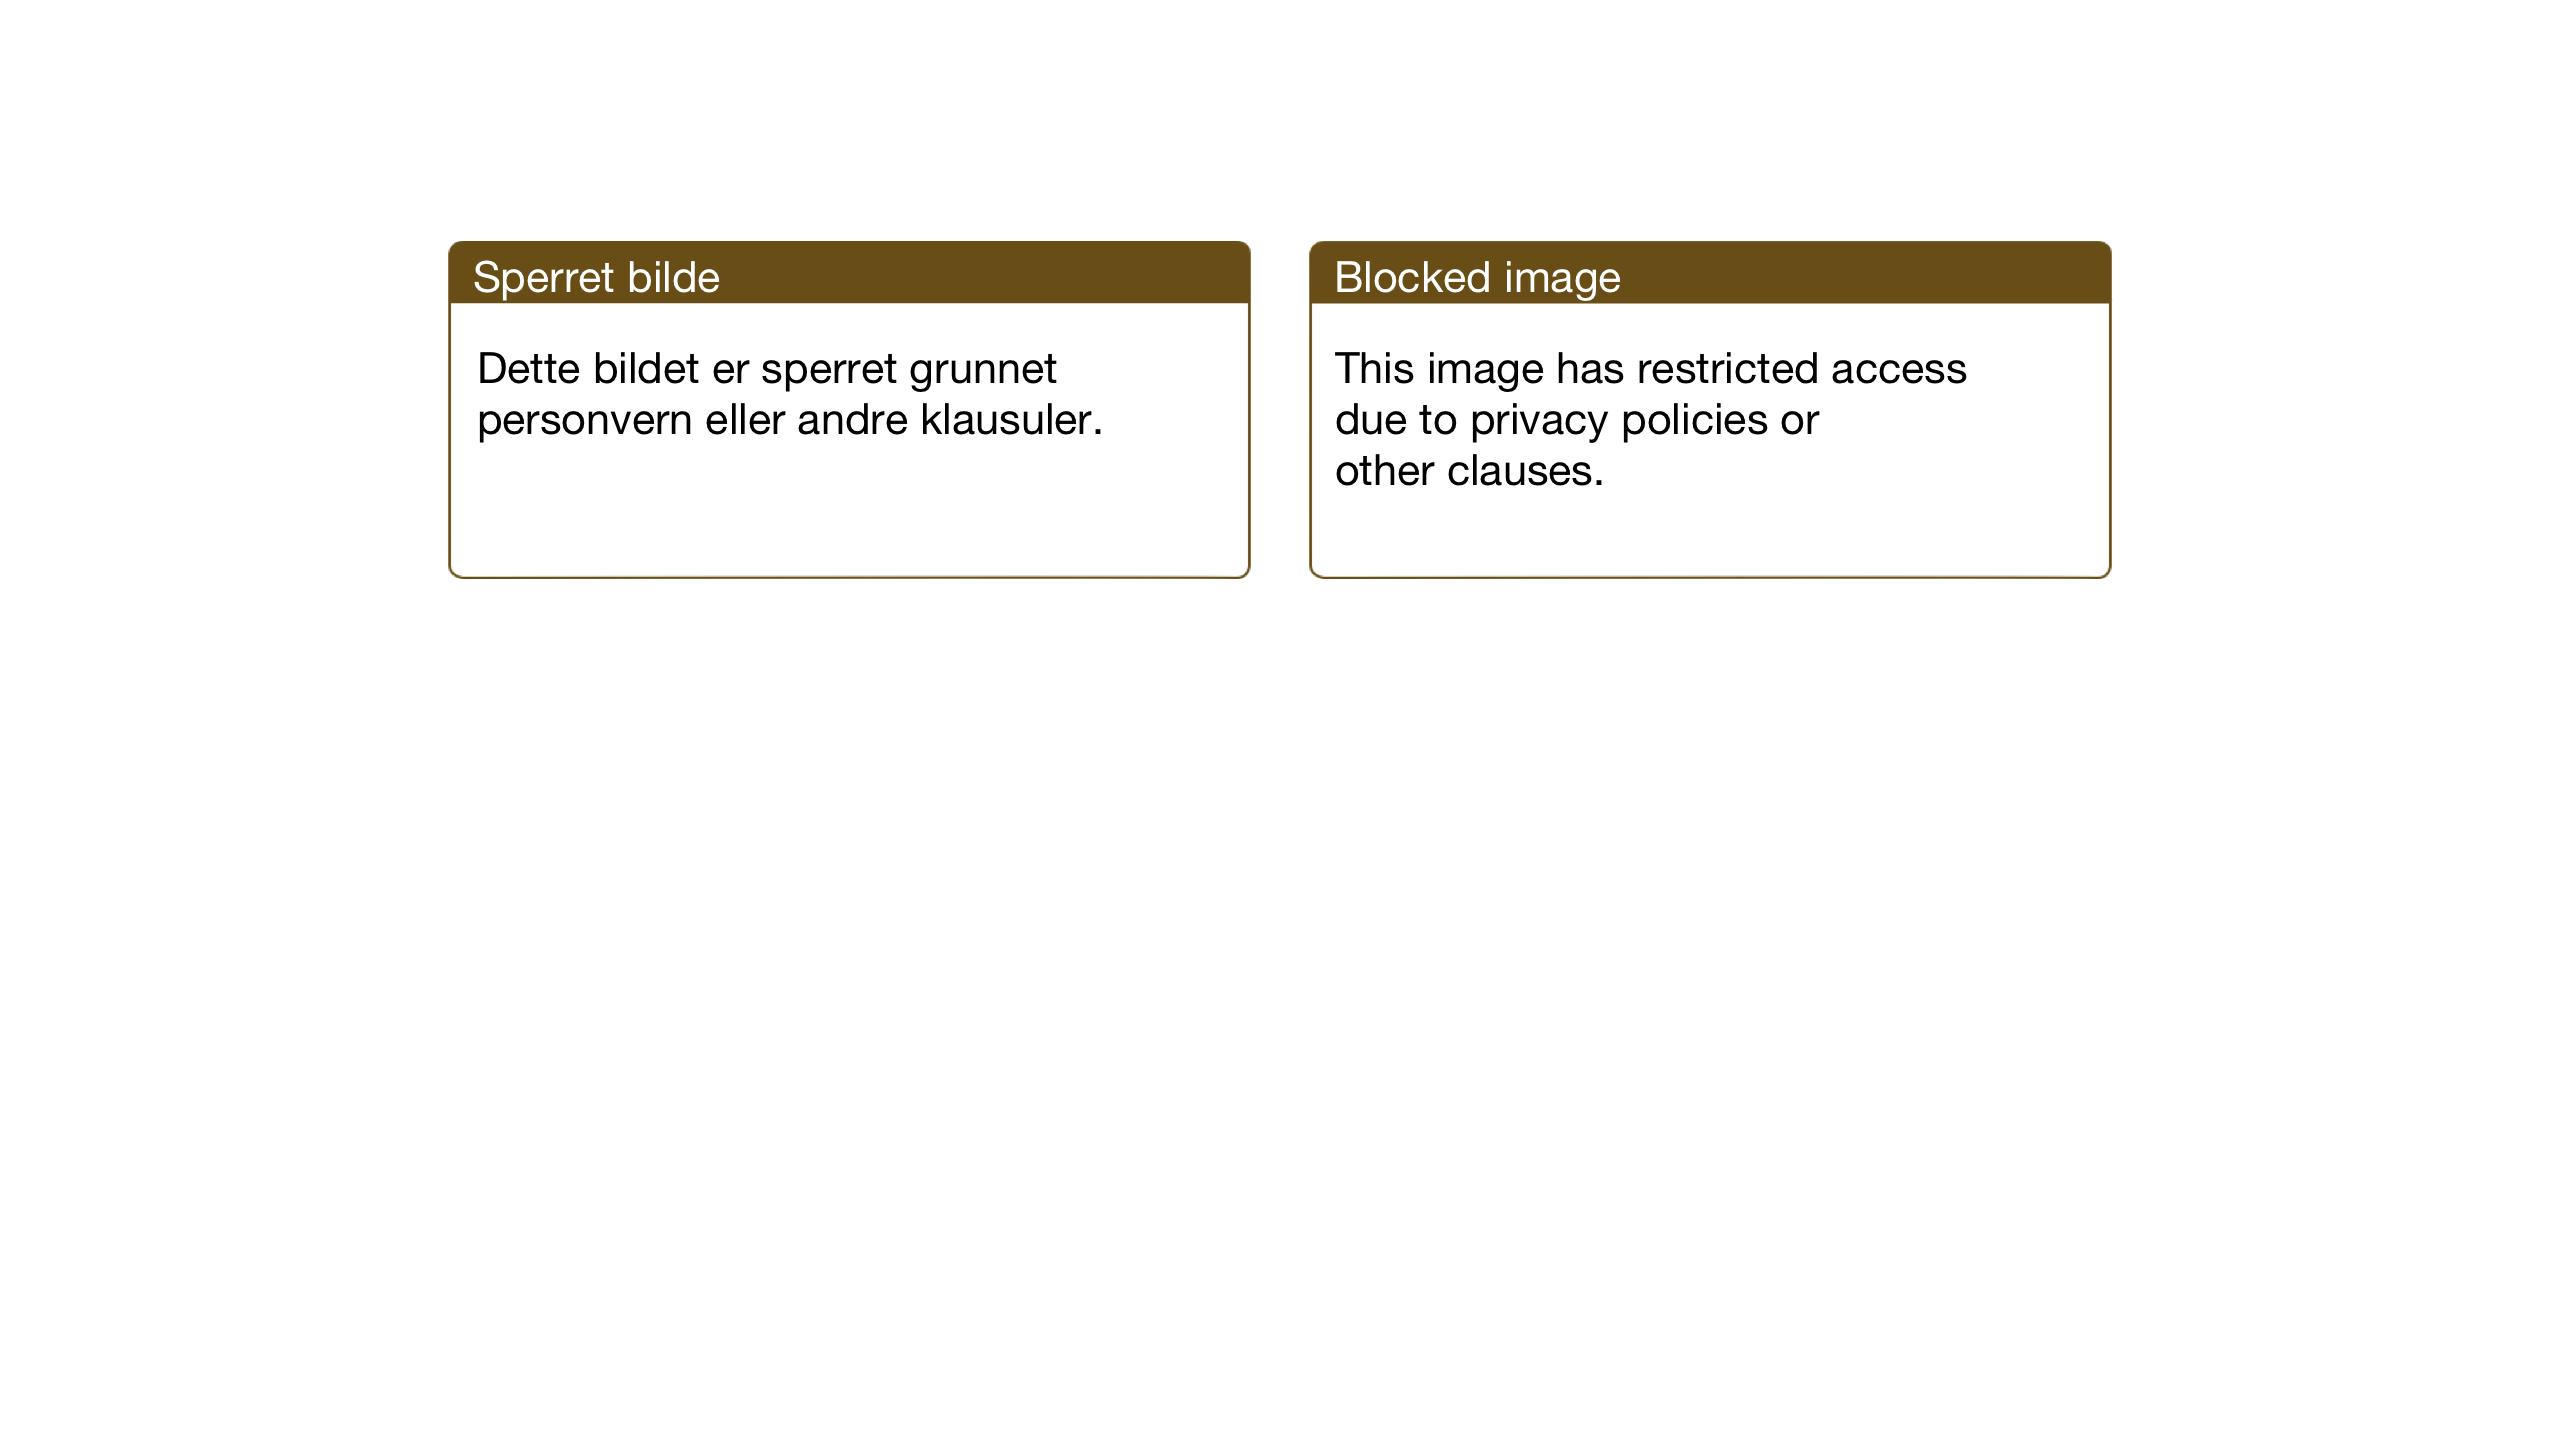 SAT, Ministerialprotokoller, klokkerbøker og fødselsregistre - Sør-Trøndelag, 688/L1030: Klokkerbok nr. 688C05, 1916-1939, s. 68